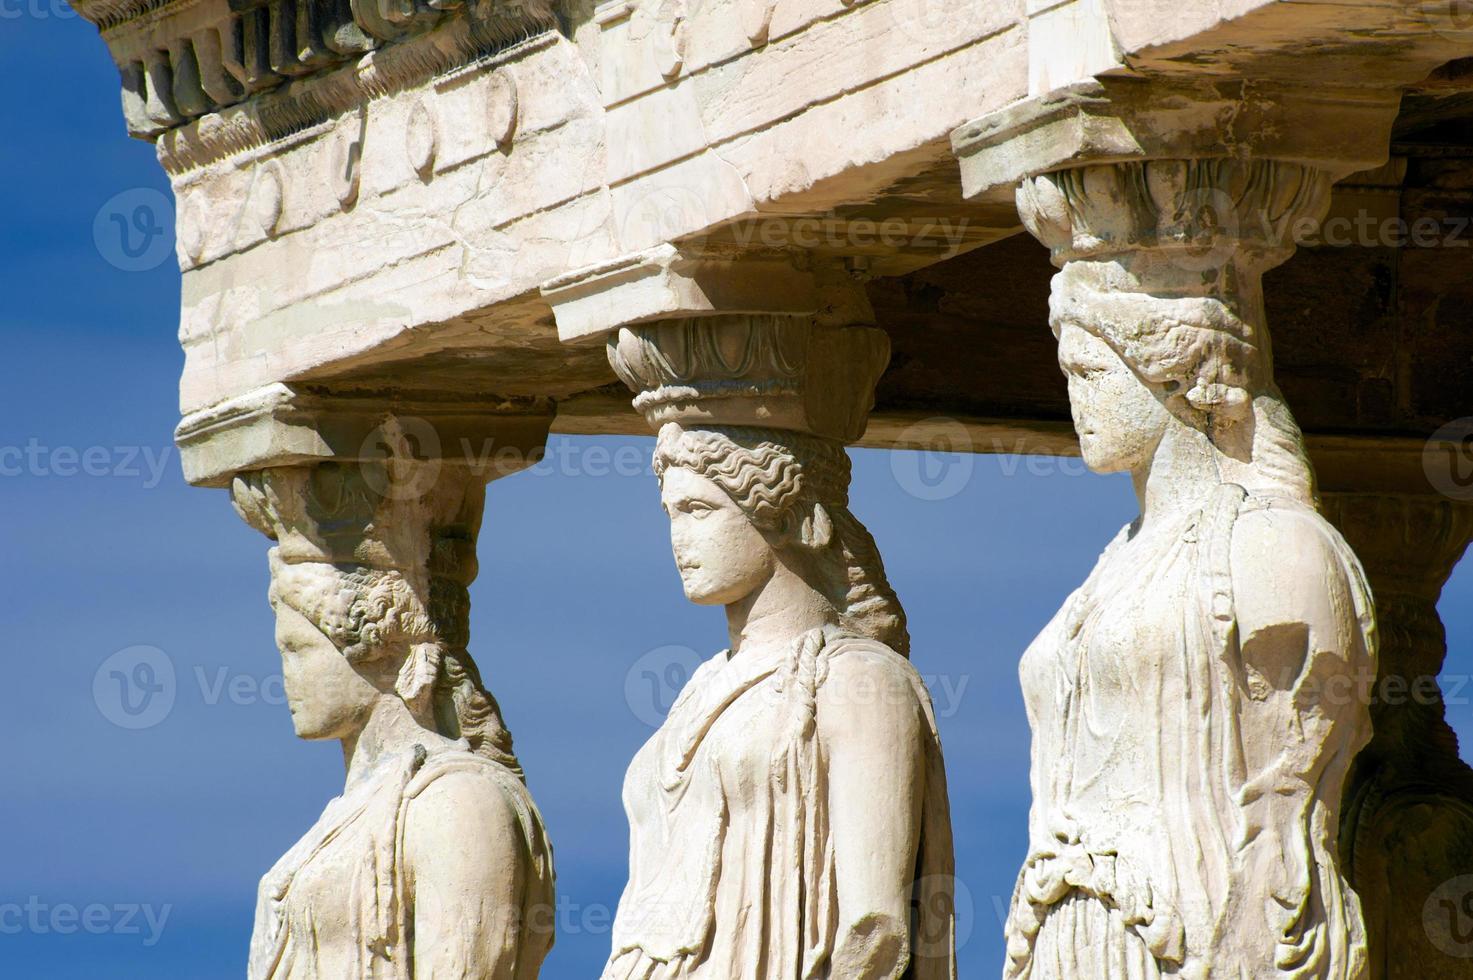 kariatide sculpturen, Akropolis van Athene, Griekenland foto